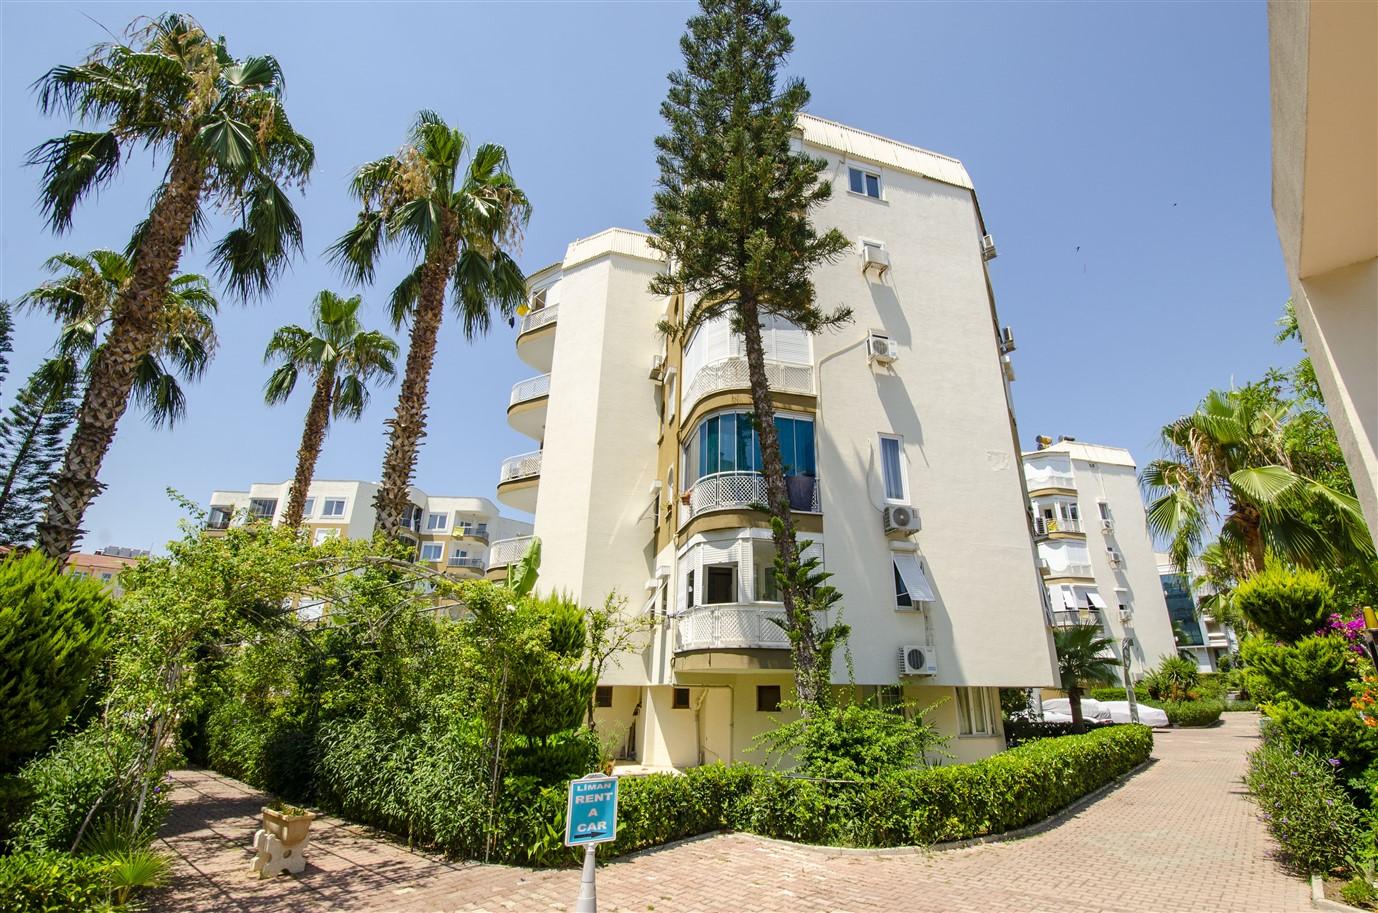 Трёхкомнатная квартира в микрорайоне Лиман Анталья - Фото 29